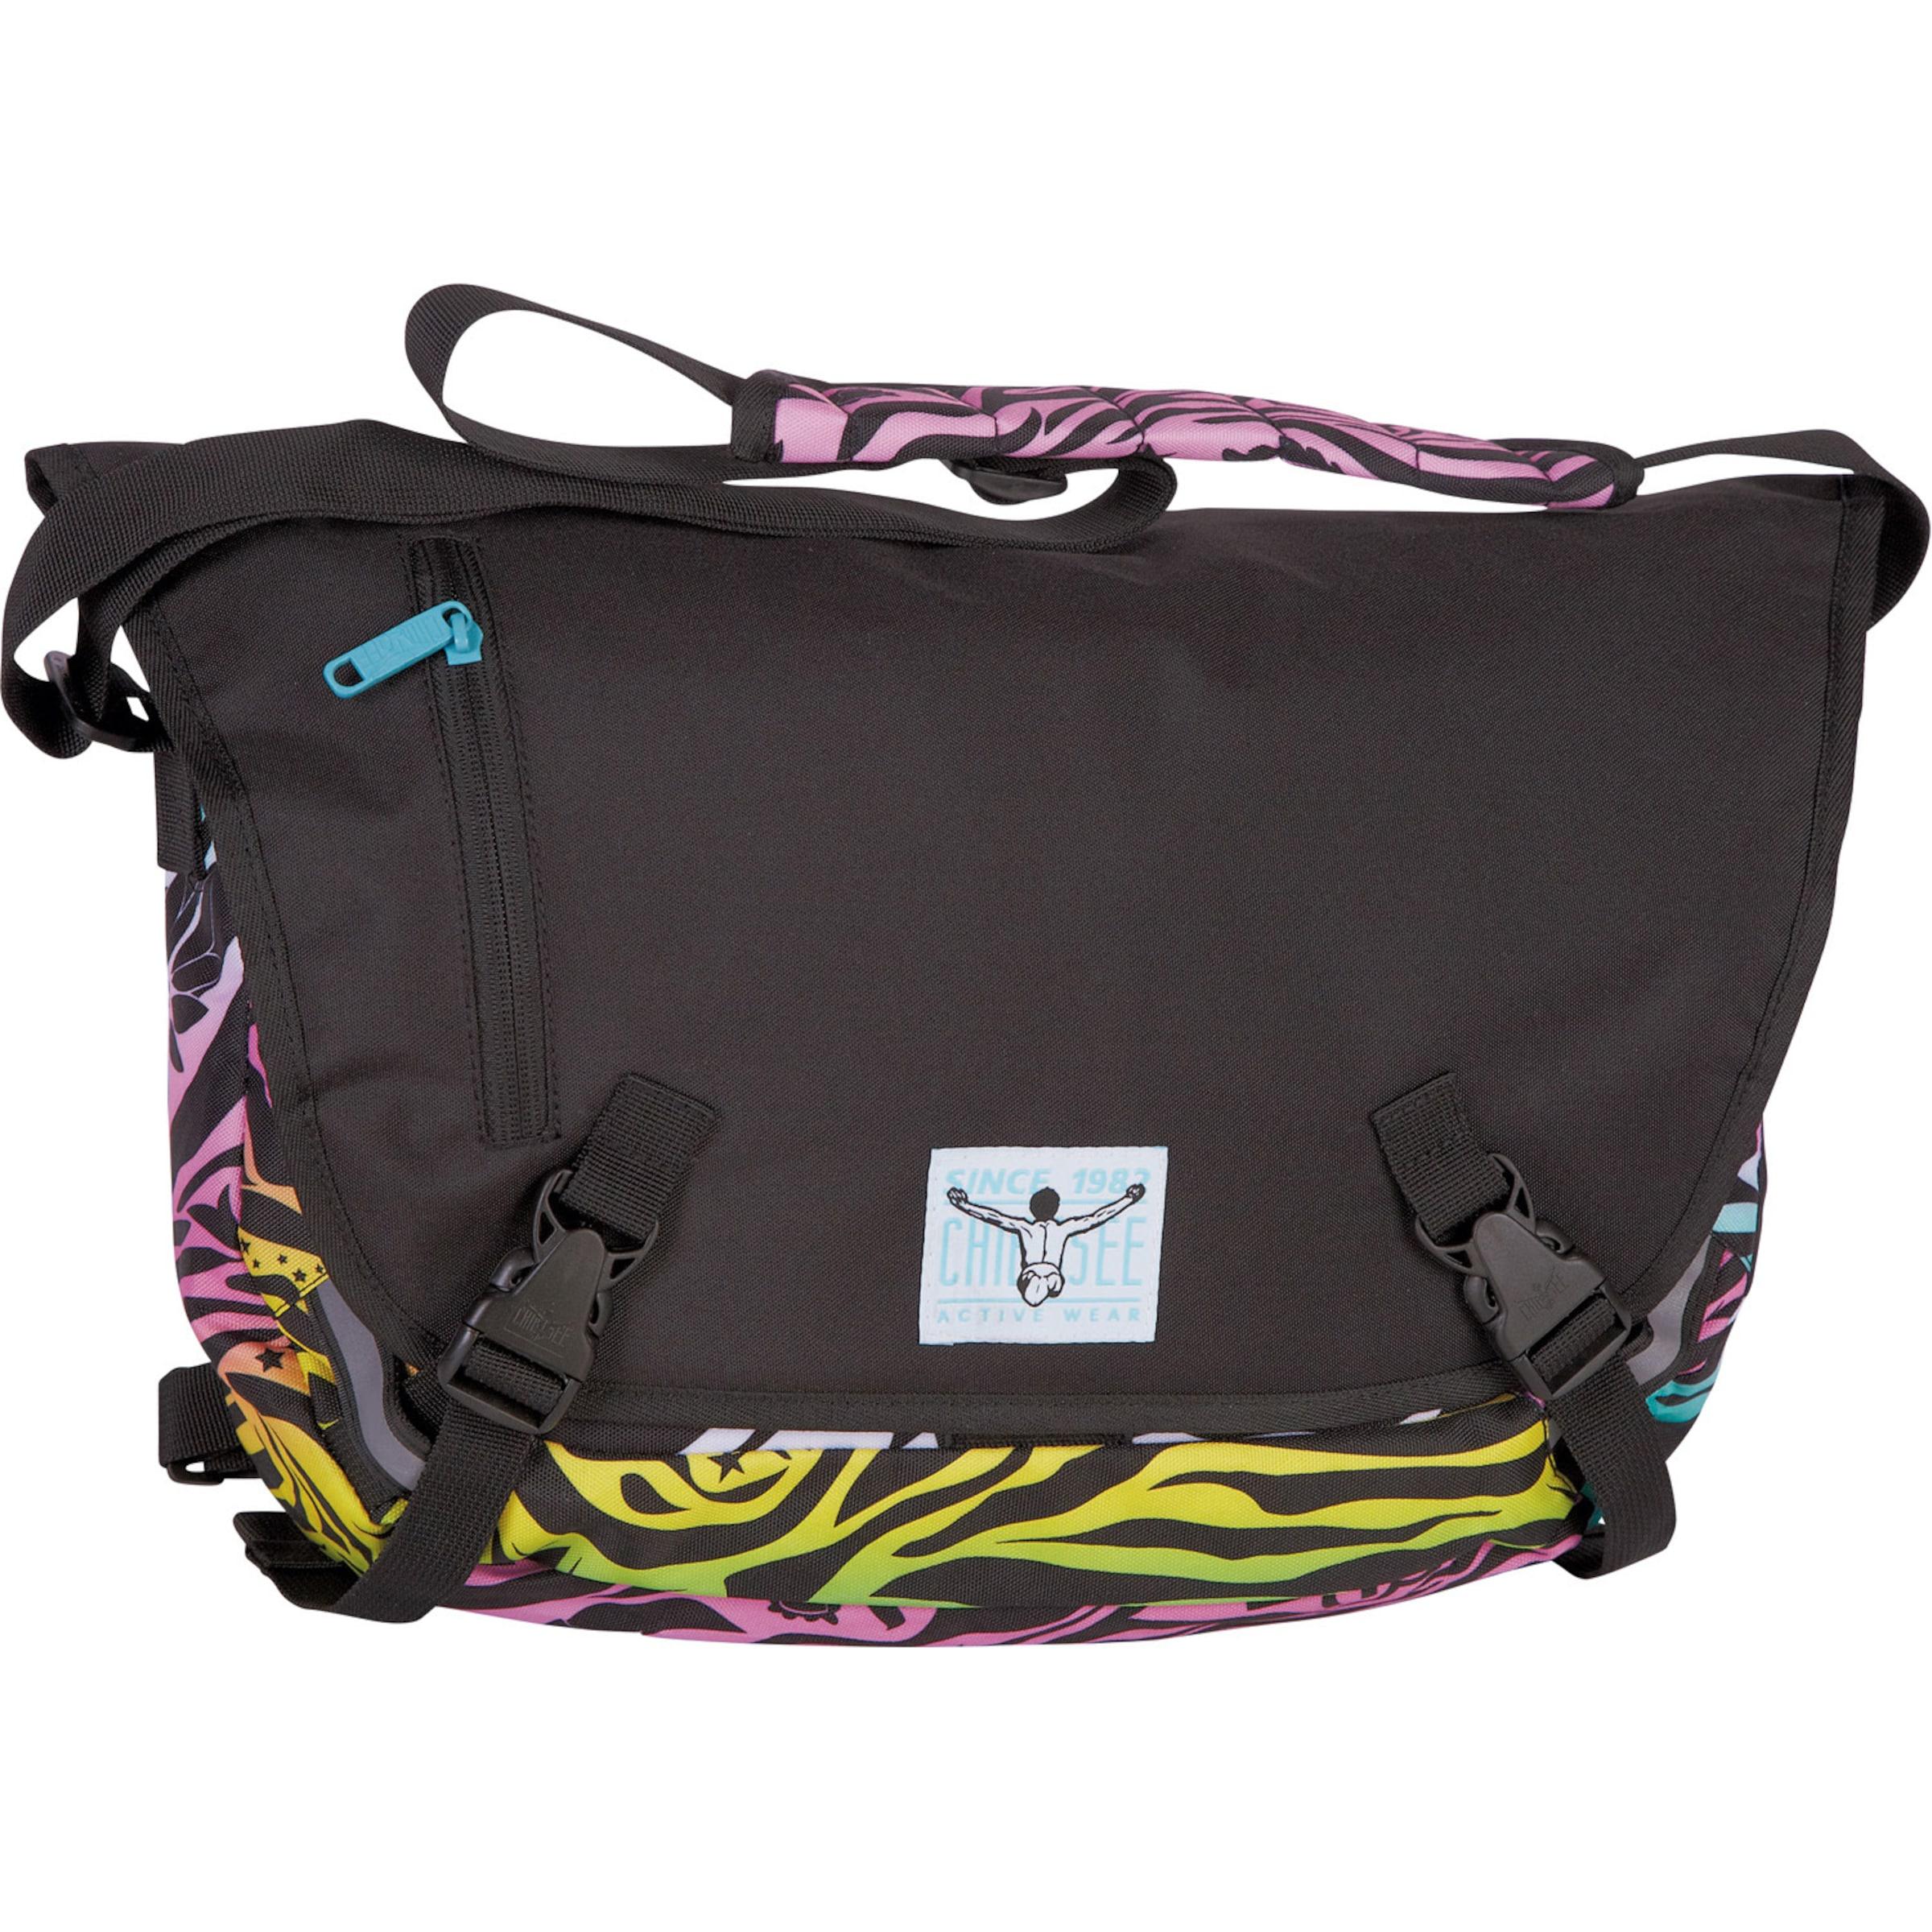 Chiemsee 41 Sport GelbDunkelgrau Rosa Cm In Messenger Laptopfach P8XOkn0w